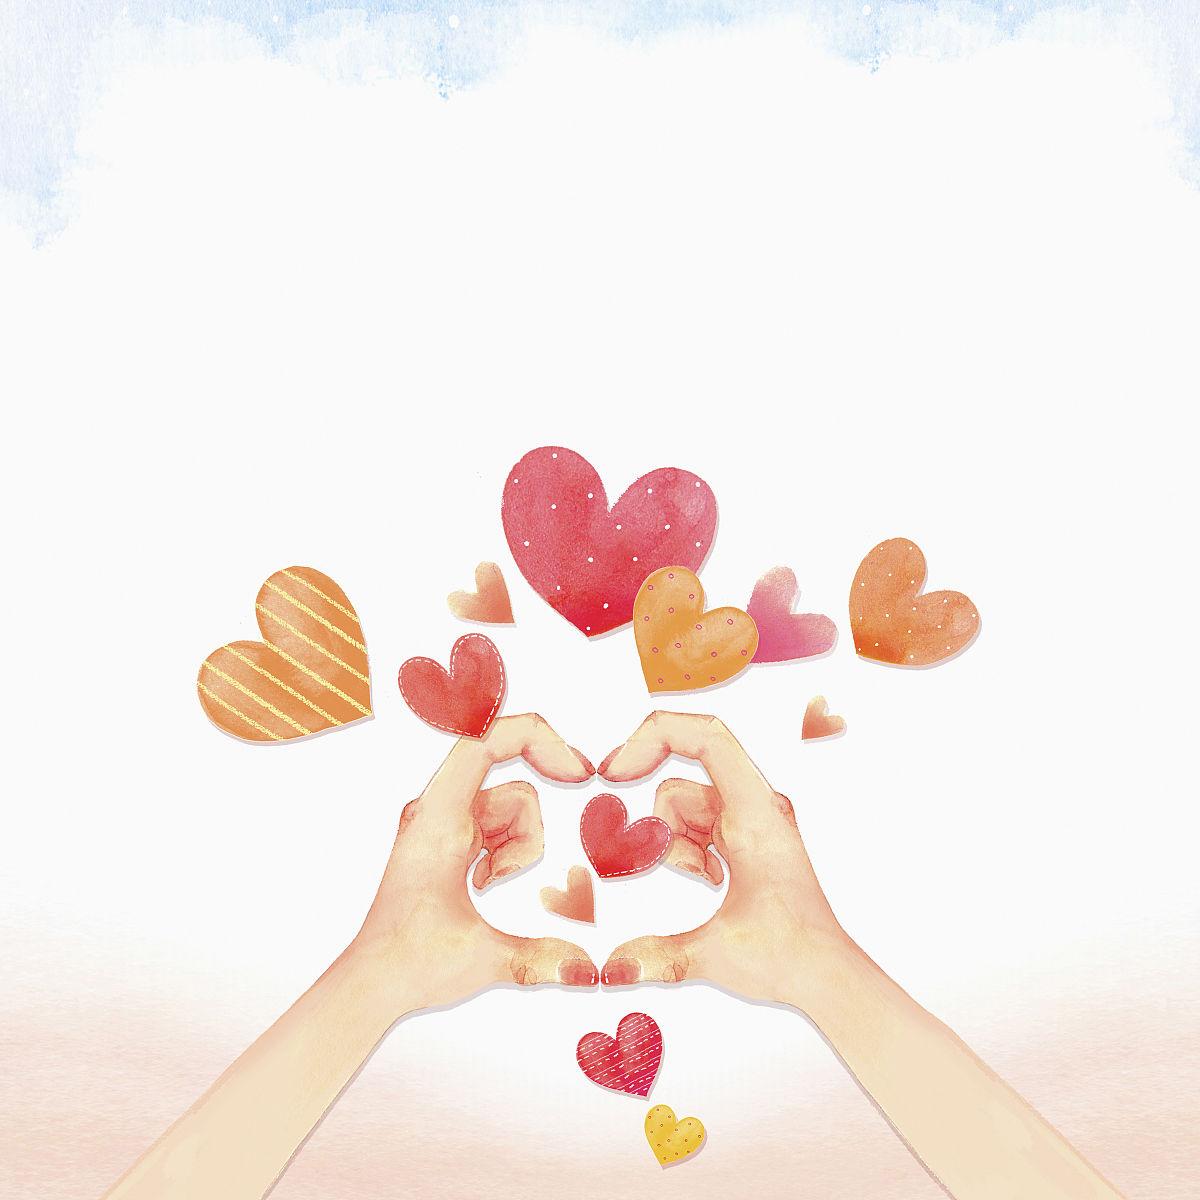 与爱情和礼物相关的模板图片